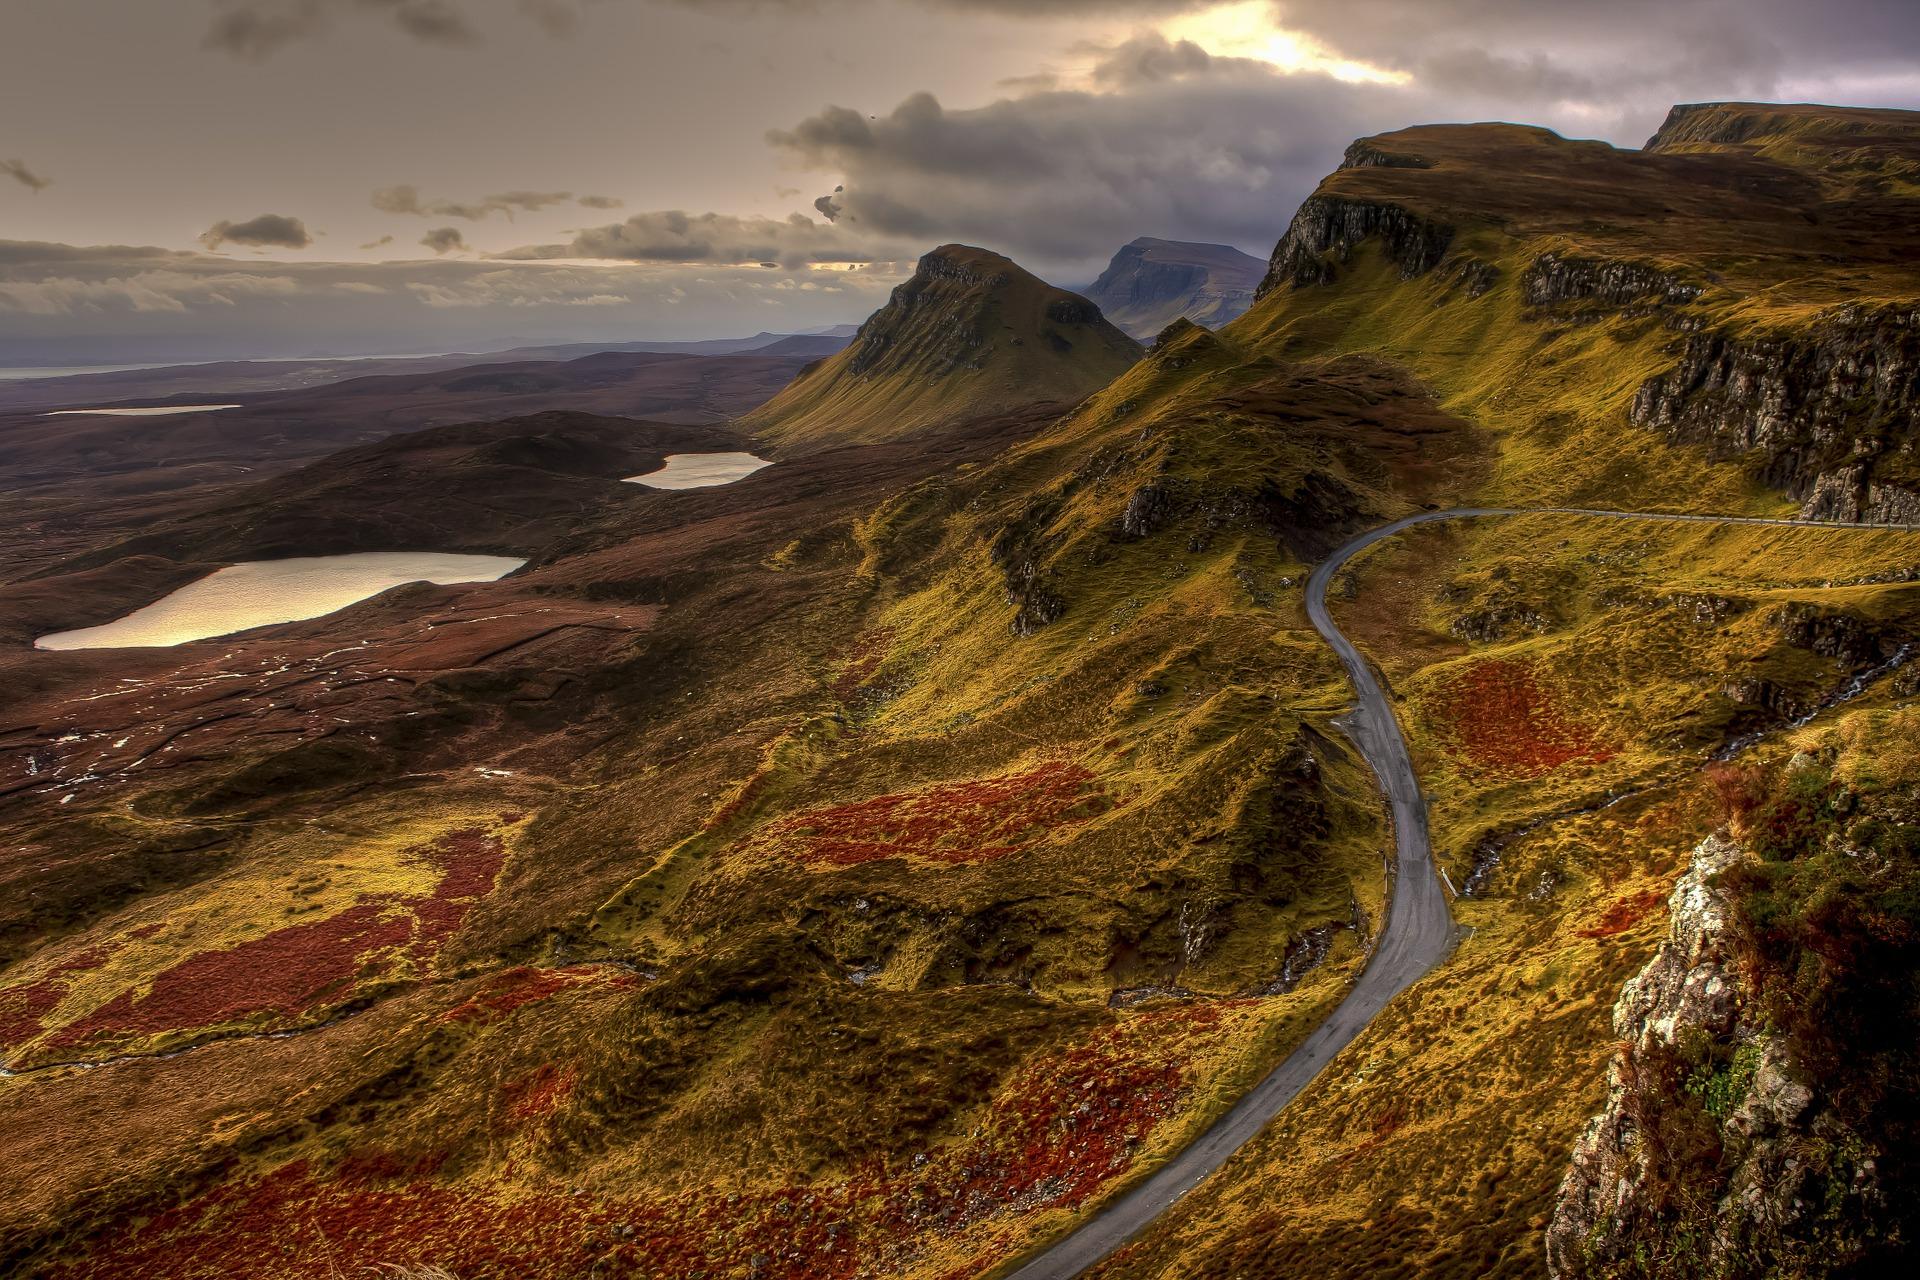 Reiseziel Schottland (Foto:Frank Winkler CC0)